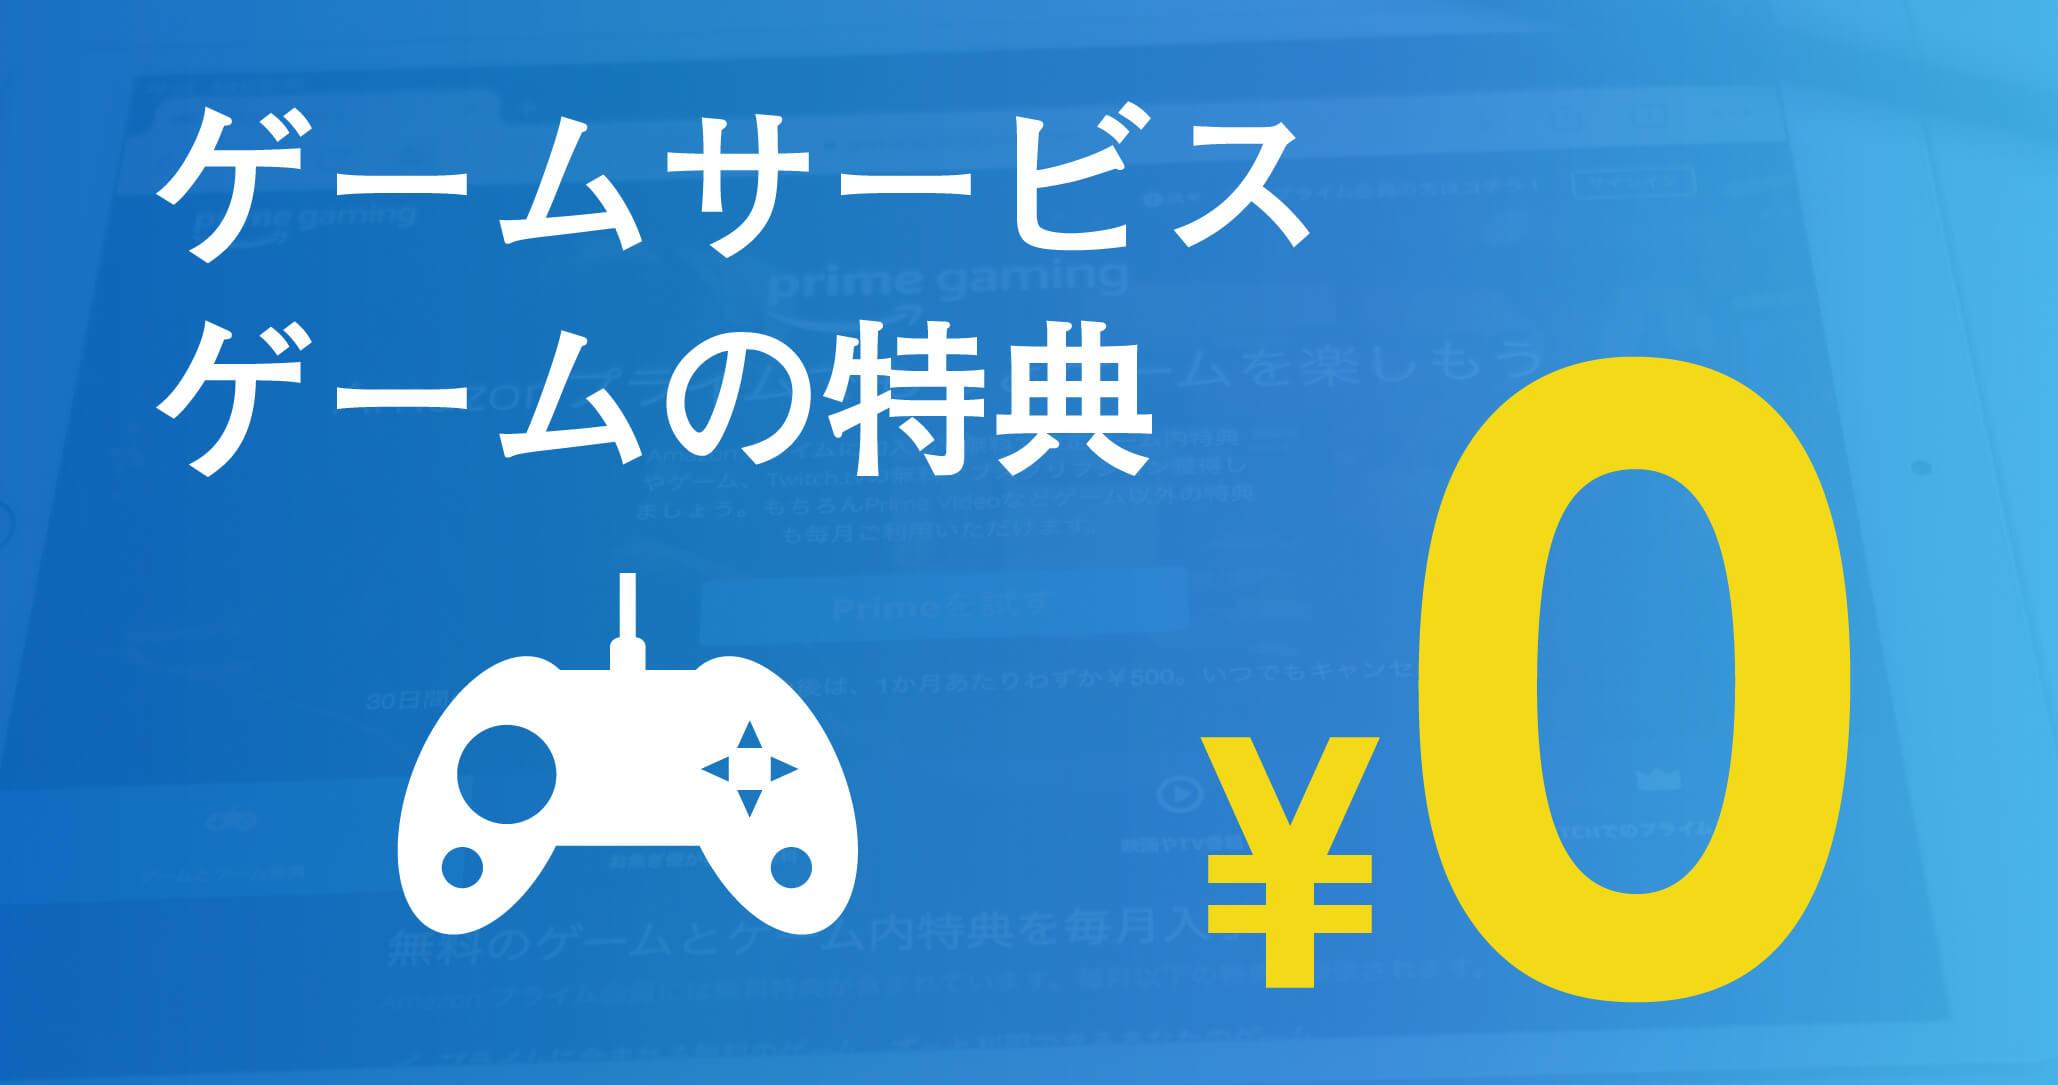 ゲームサービス ゲームの特典¥0